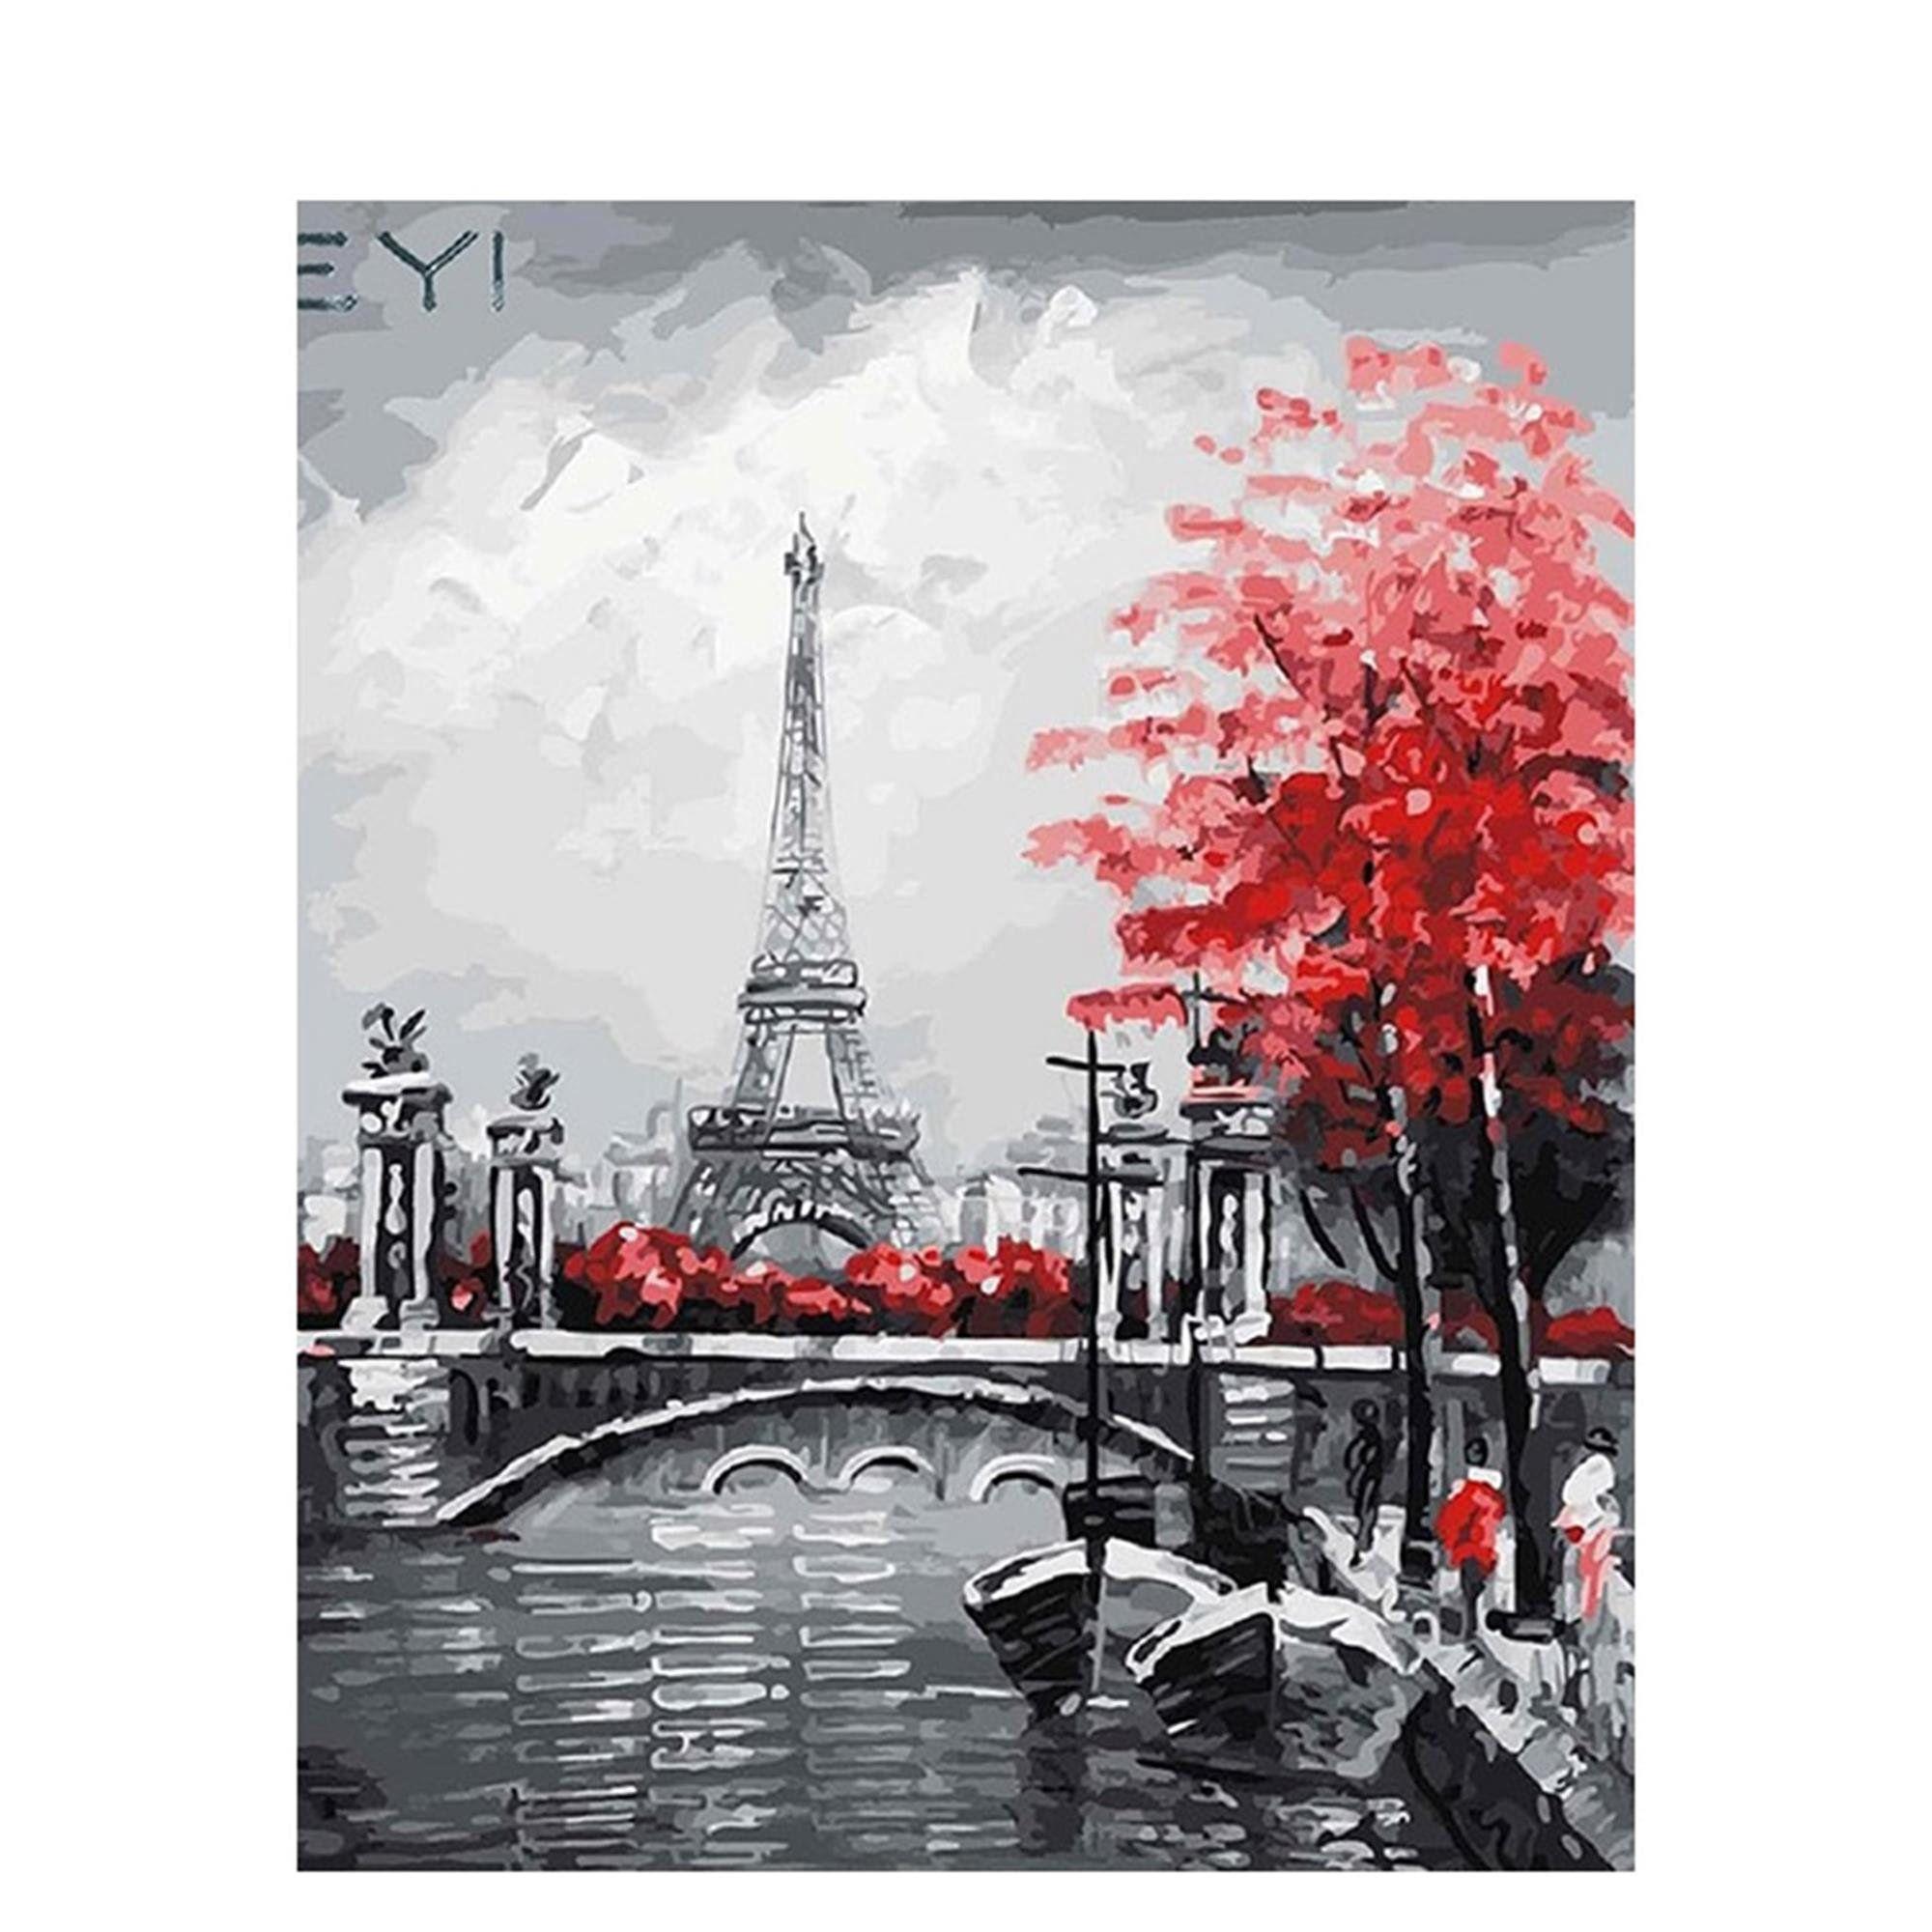 Senza Telaio RYQRP Dipingere con i Numeri Torre Eiffel Champagne Oil Painting by Numbers Digitale Pittura a Olio Kits Fai da Te per Adulti Bambini Principiante 40cmx50cm